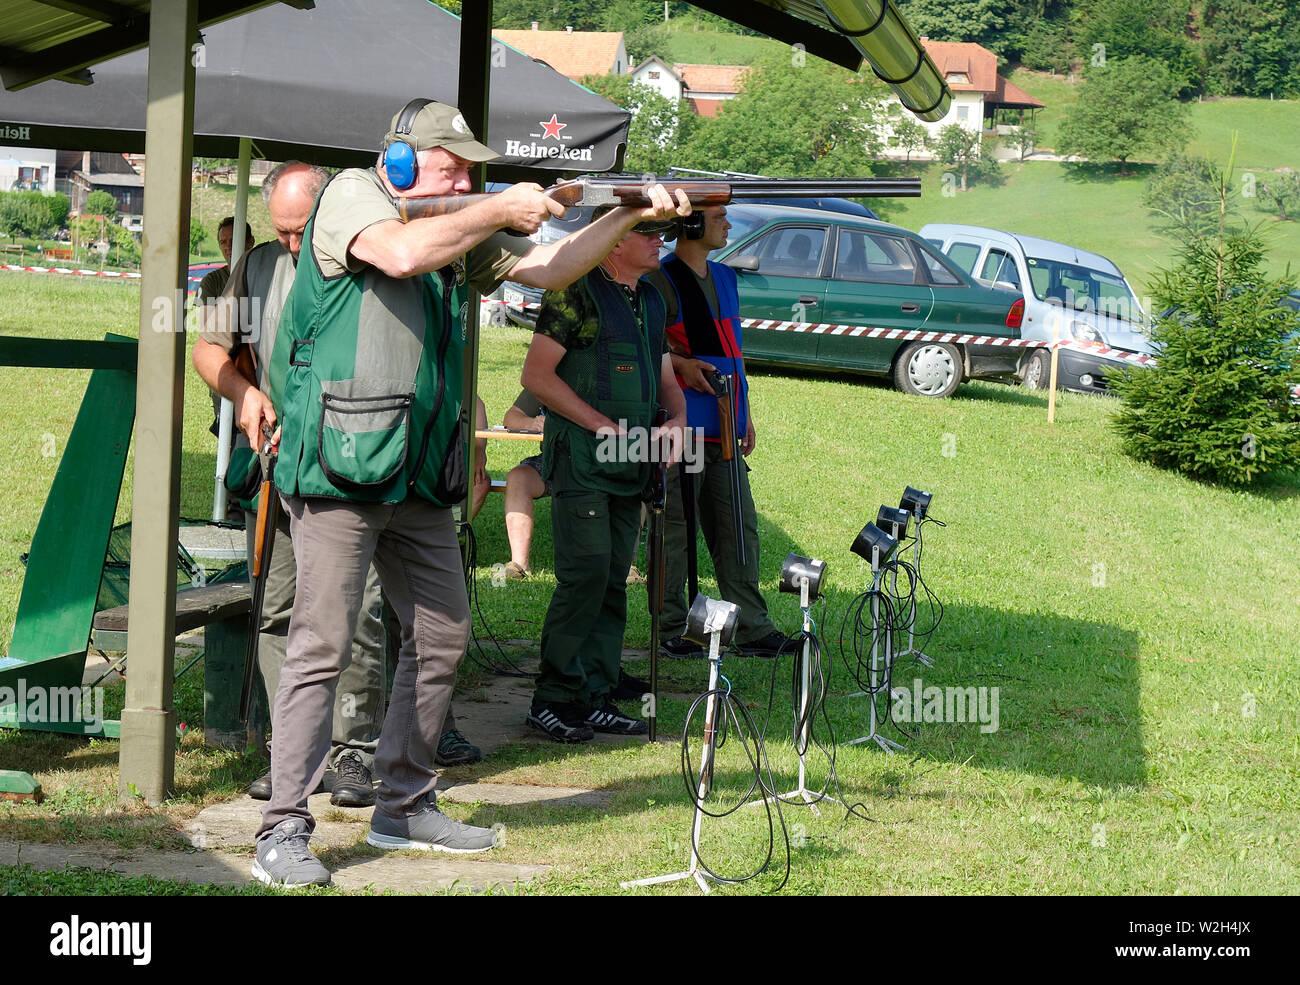 Scalzone angelo. I concorrenti le riprese fucili a canna liscia a bersagli di argilla. Immagini Stock